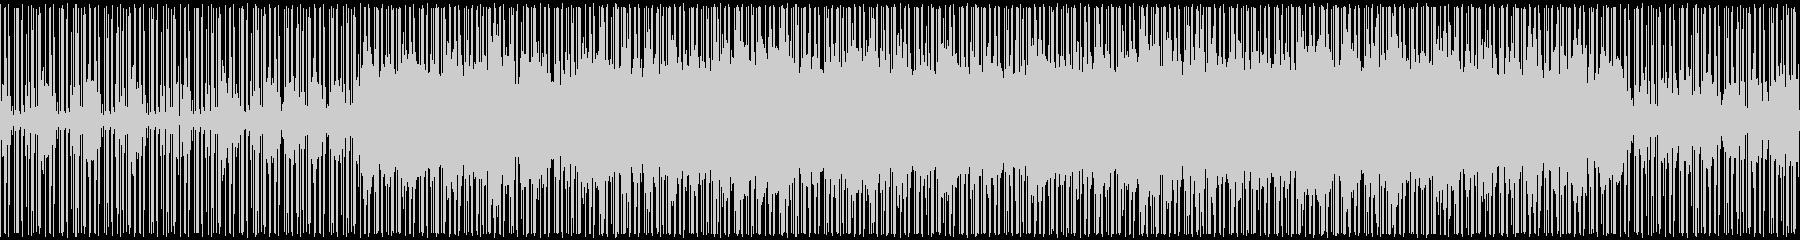 伝統的な和風テイストの曲の未再生の波形